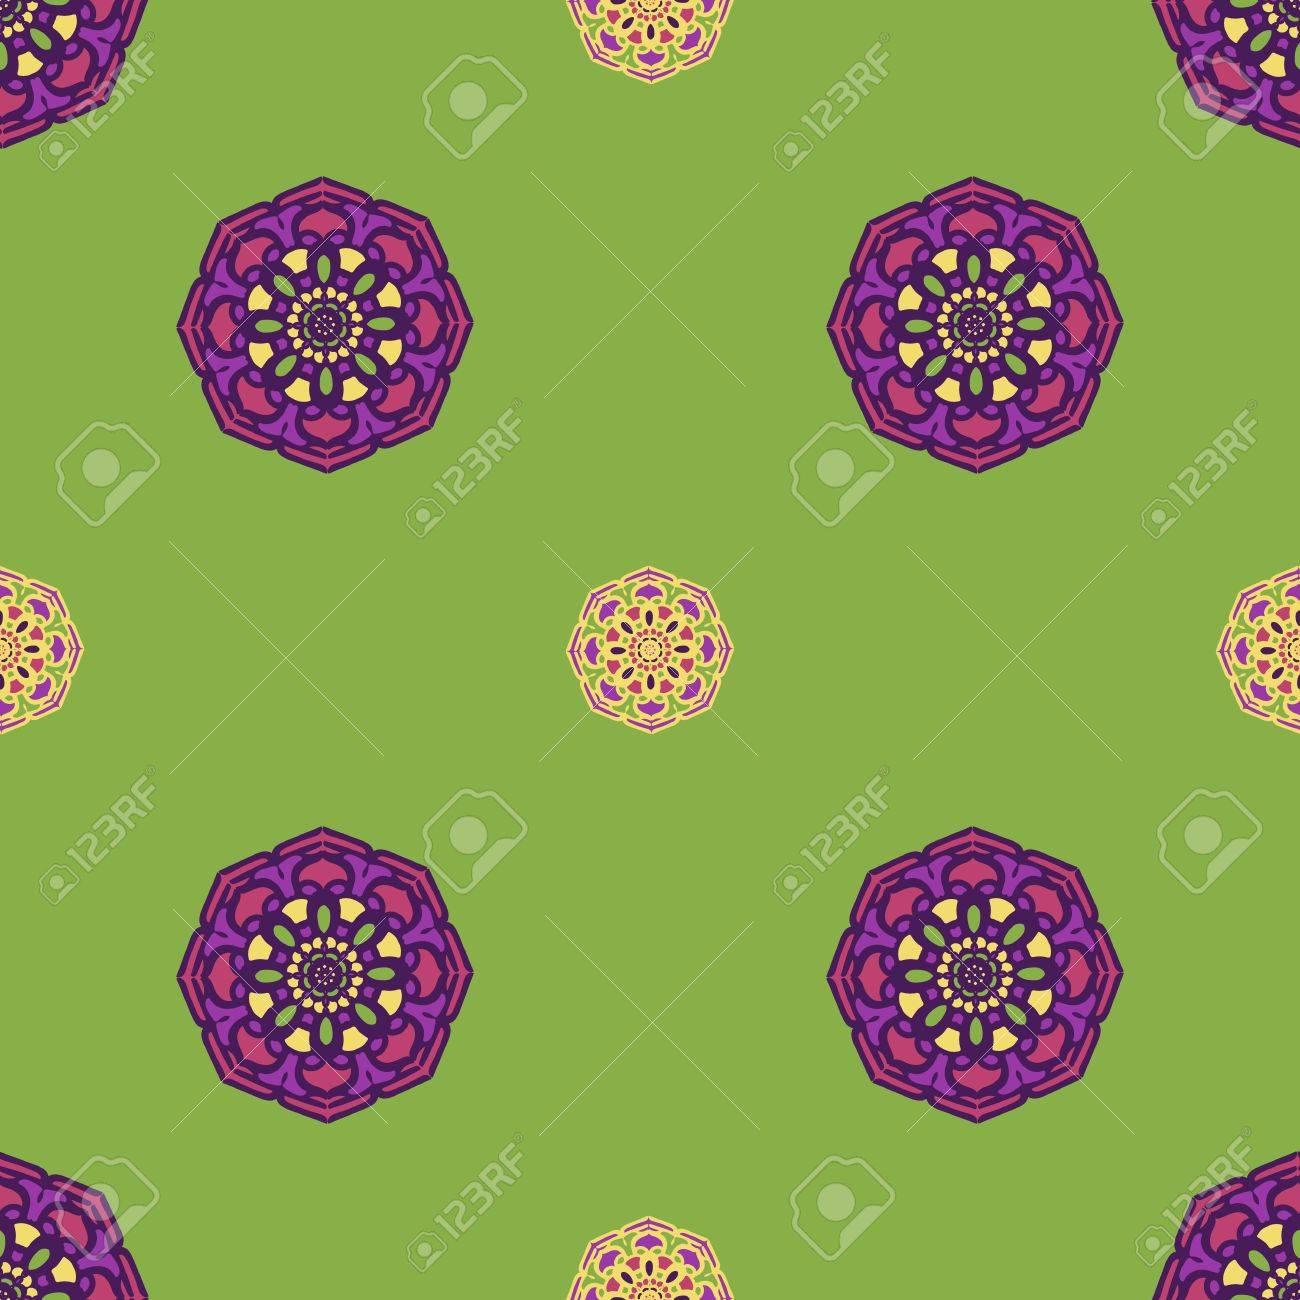 Sfondo Astratto Verde E Viola Forme Di Mandala